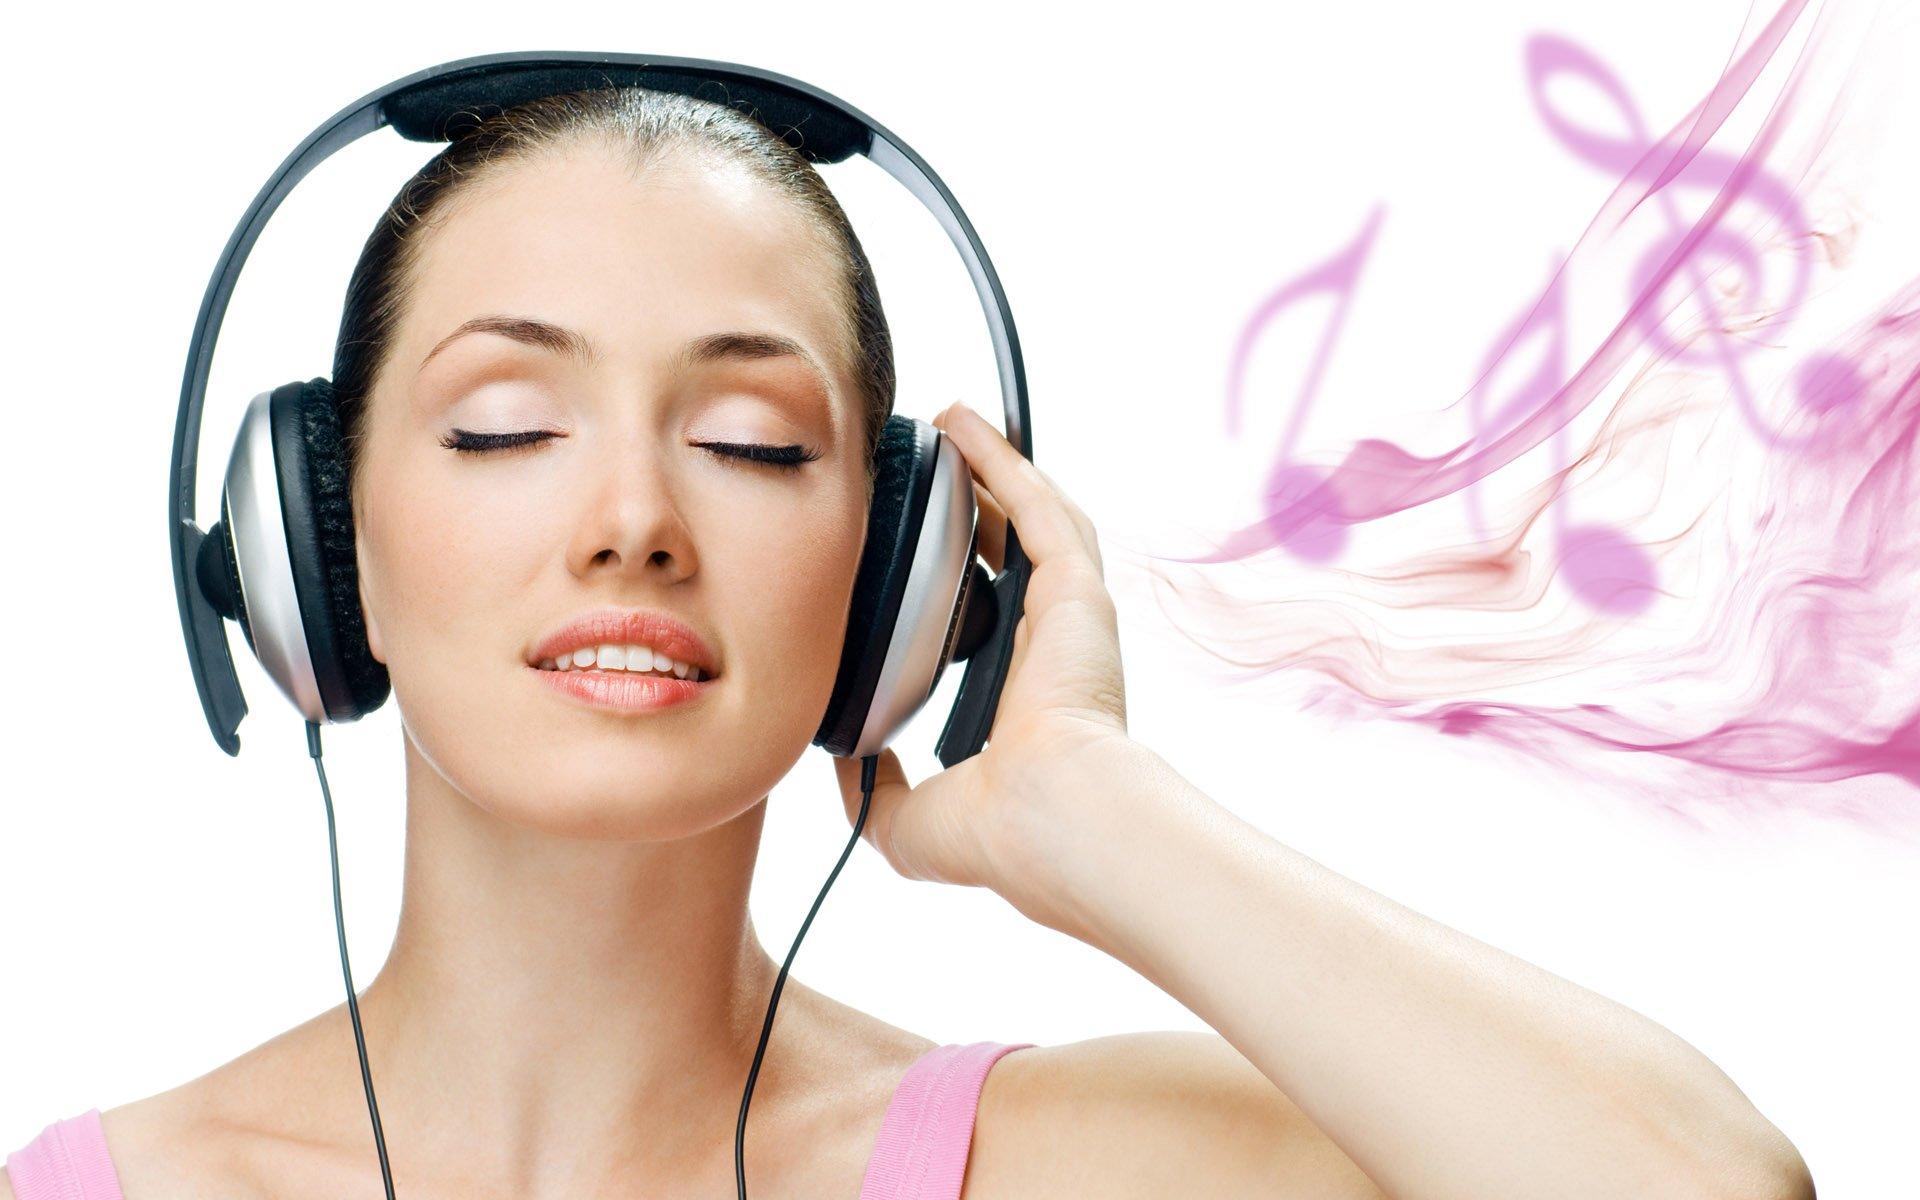 Girl music listening